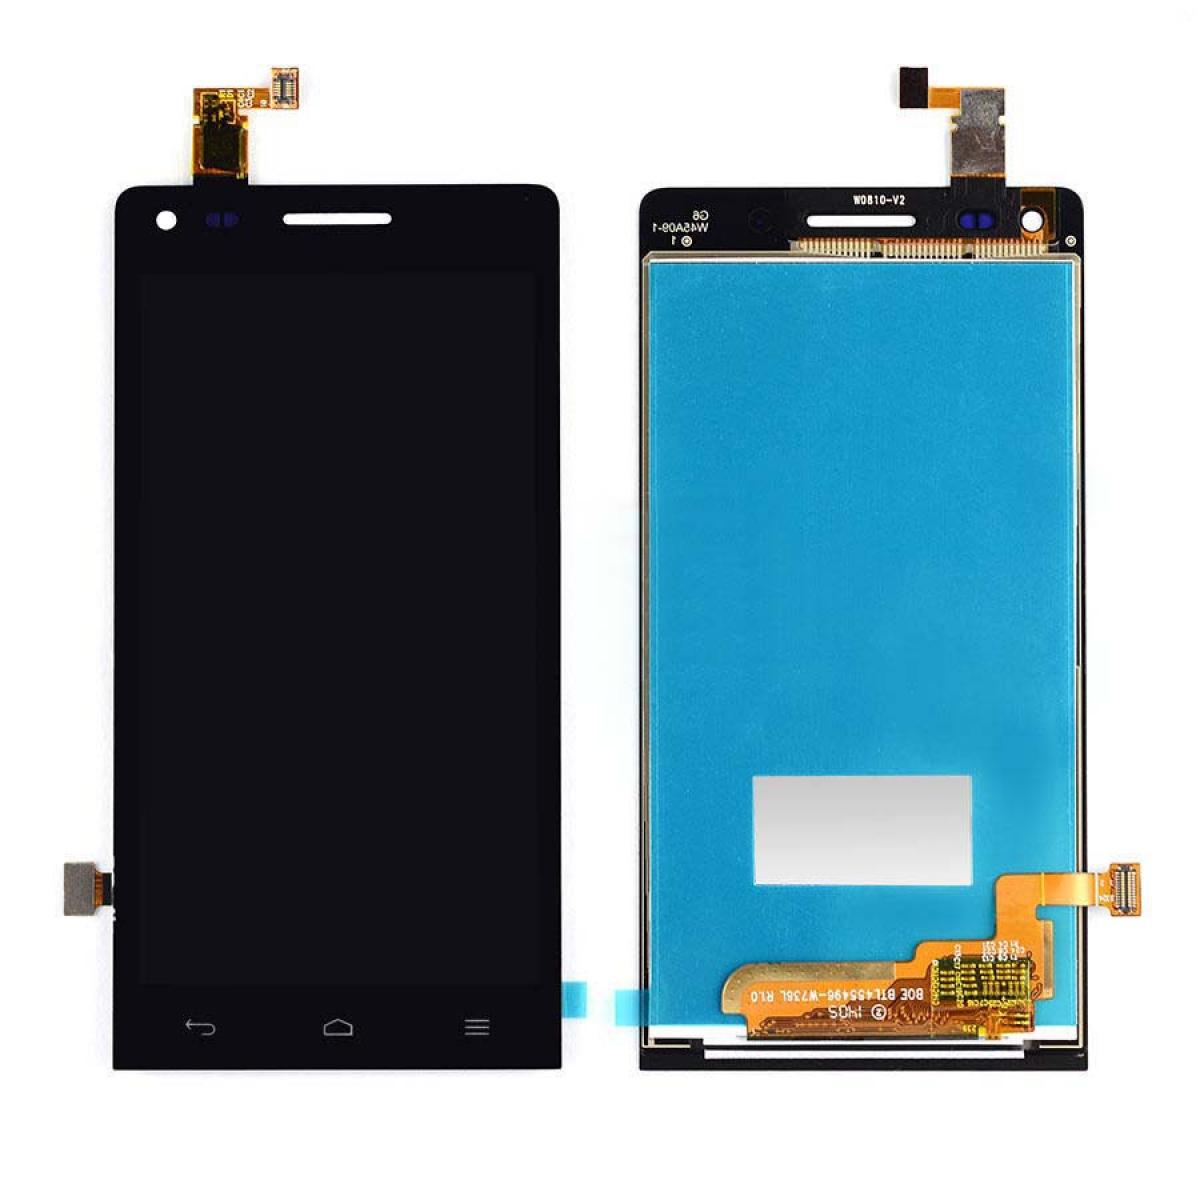 ال سی دی هواوی جی6(یو10)- (LCD HUAWEI G6(U10